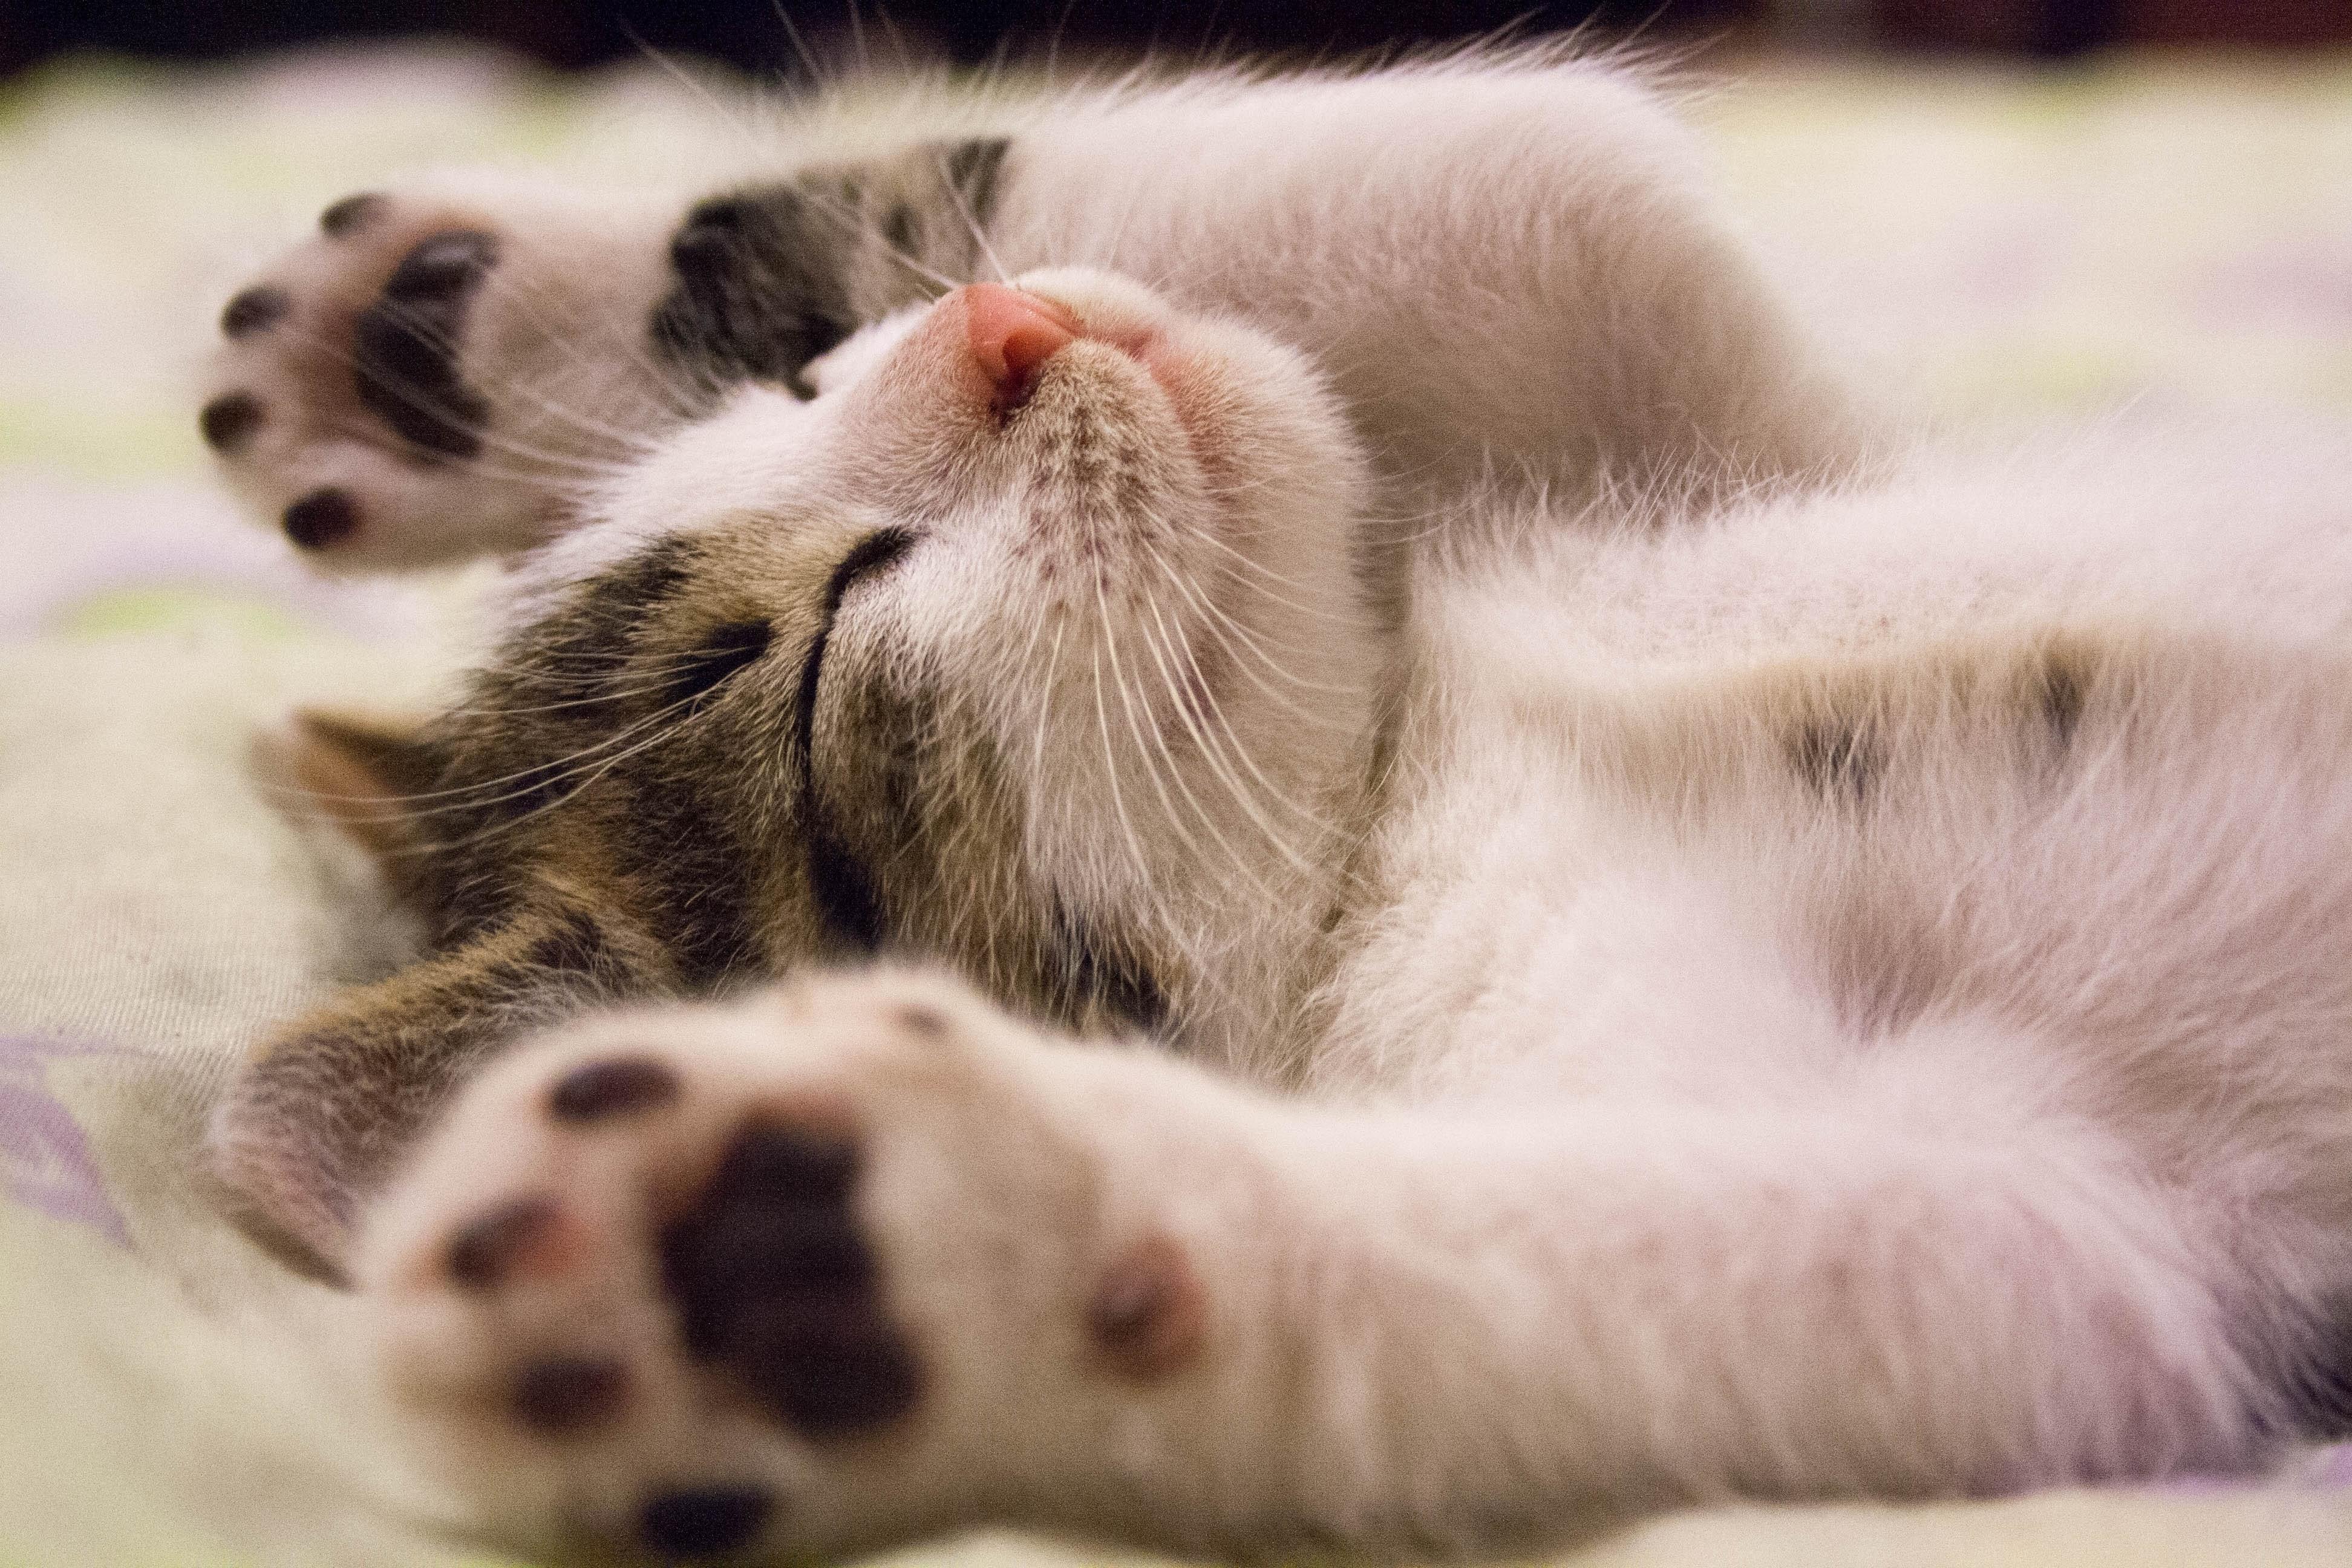 animal-cat-face-close-up-feline-416160